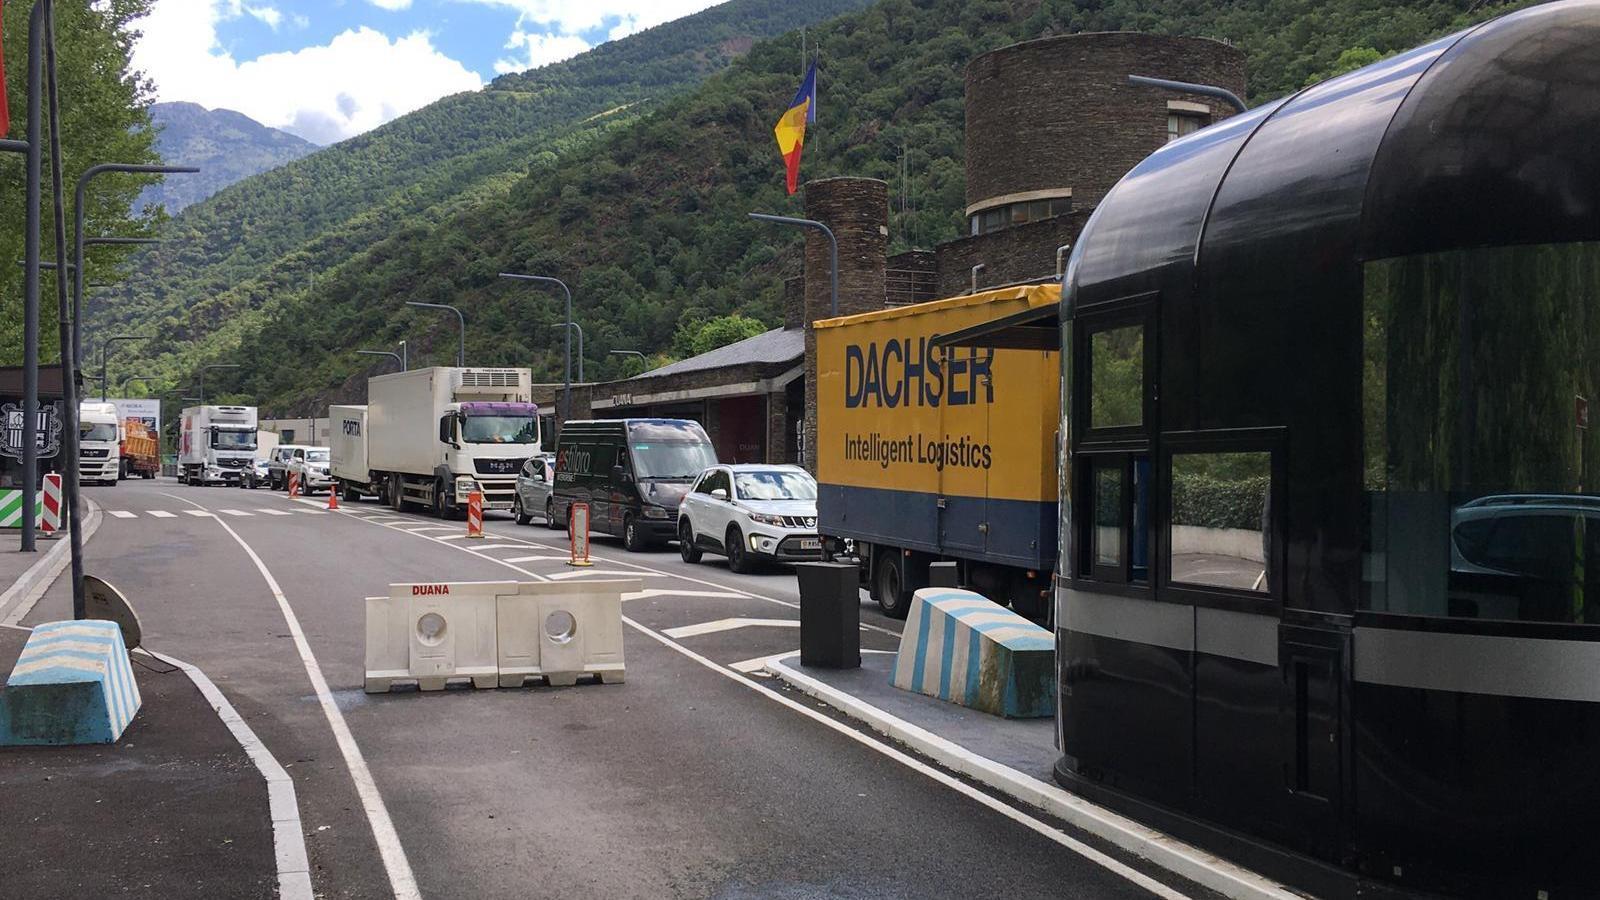 Camions i cotxes han compartit la cua. / M. P.